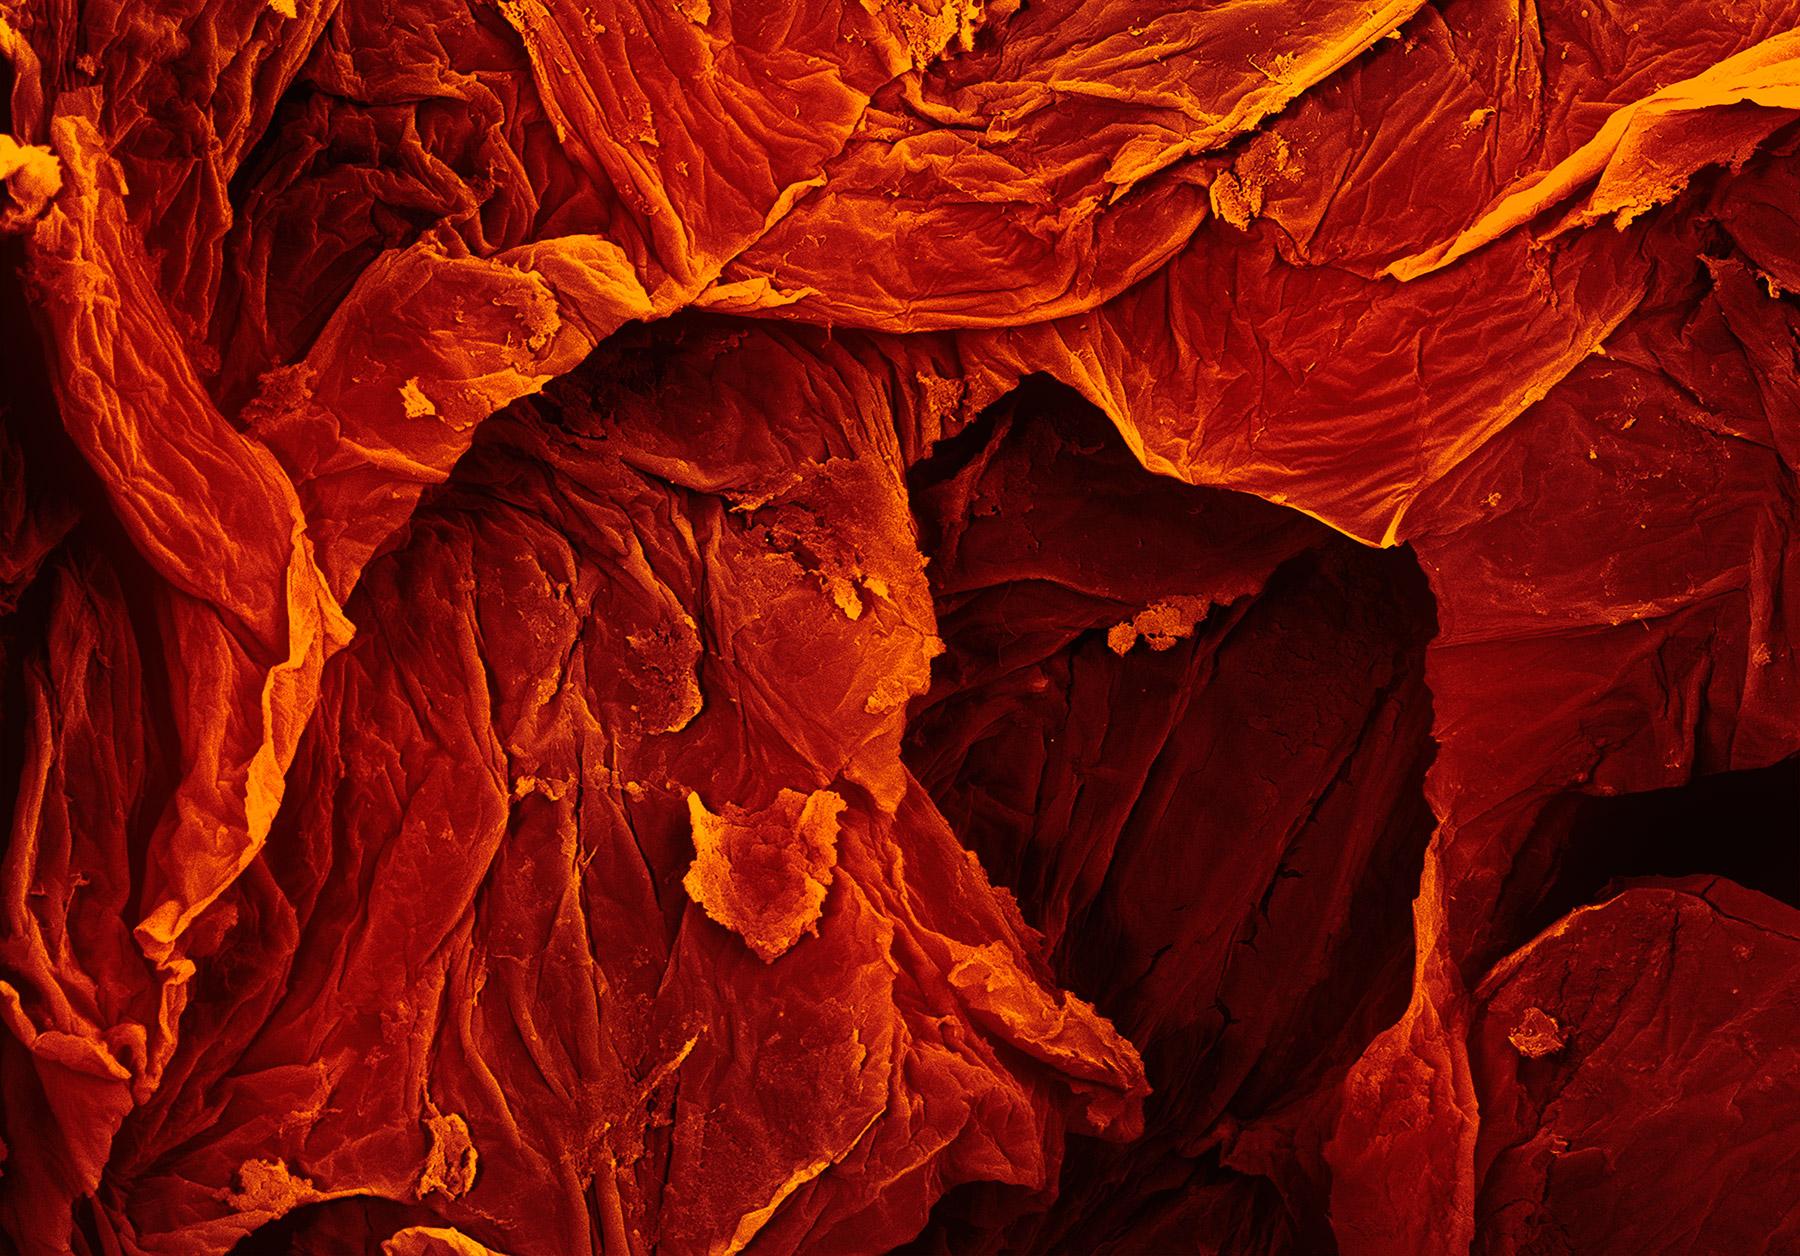 terra cibus no.35: sun-dried tomato 3  250x magnification